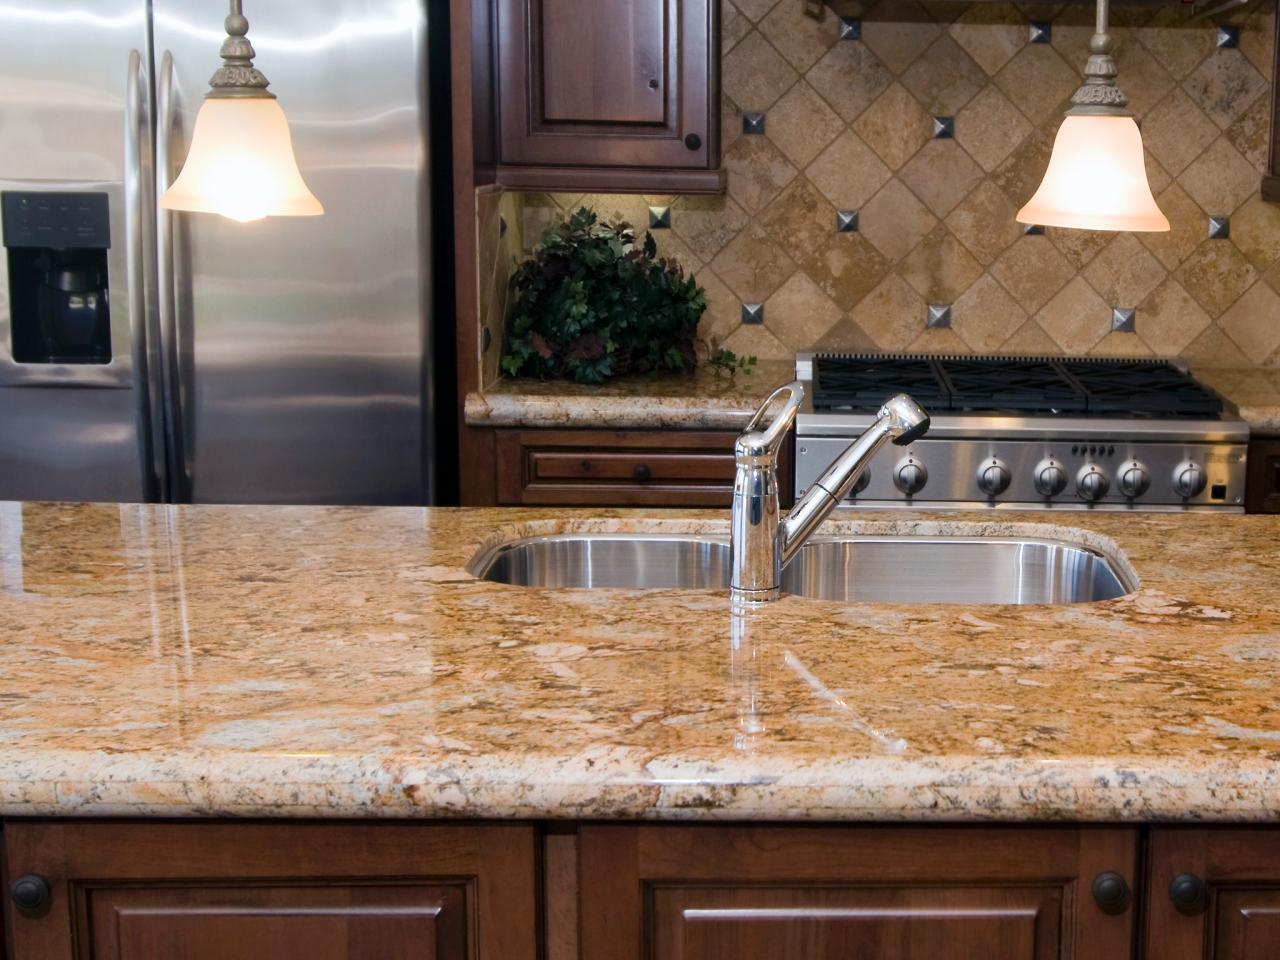 granite kitchen countertops pics photo - 2